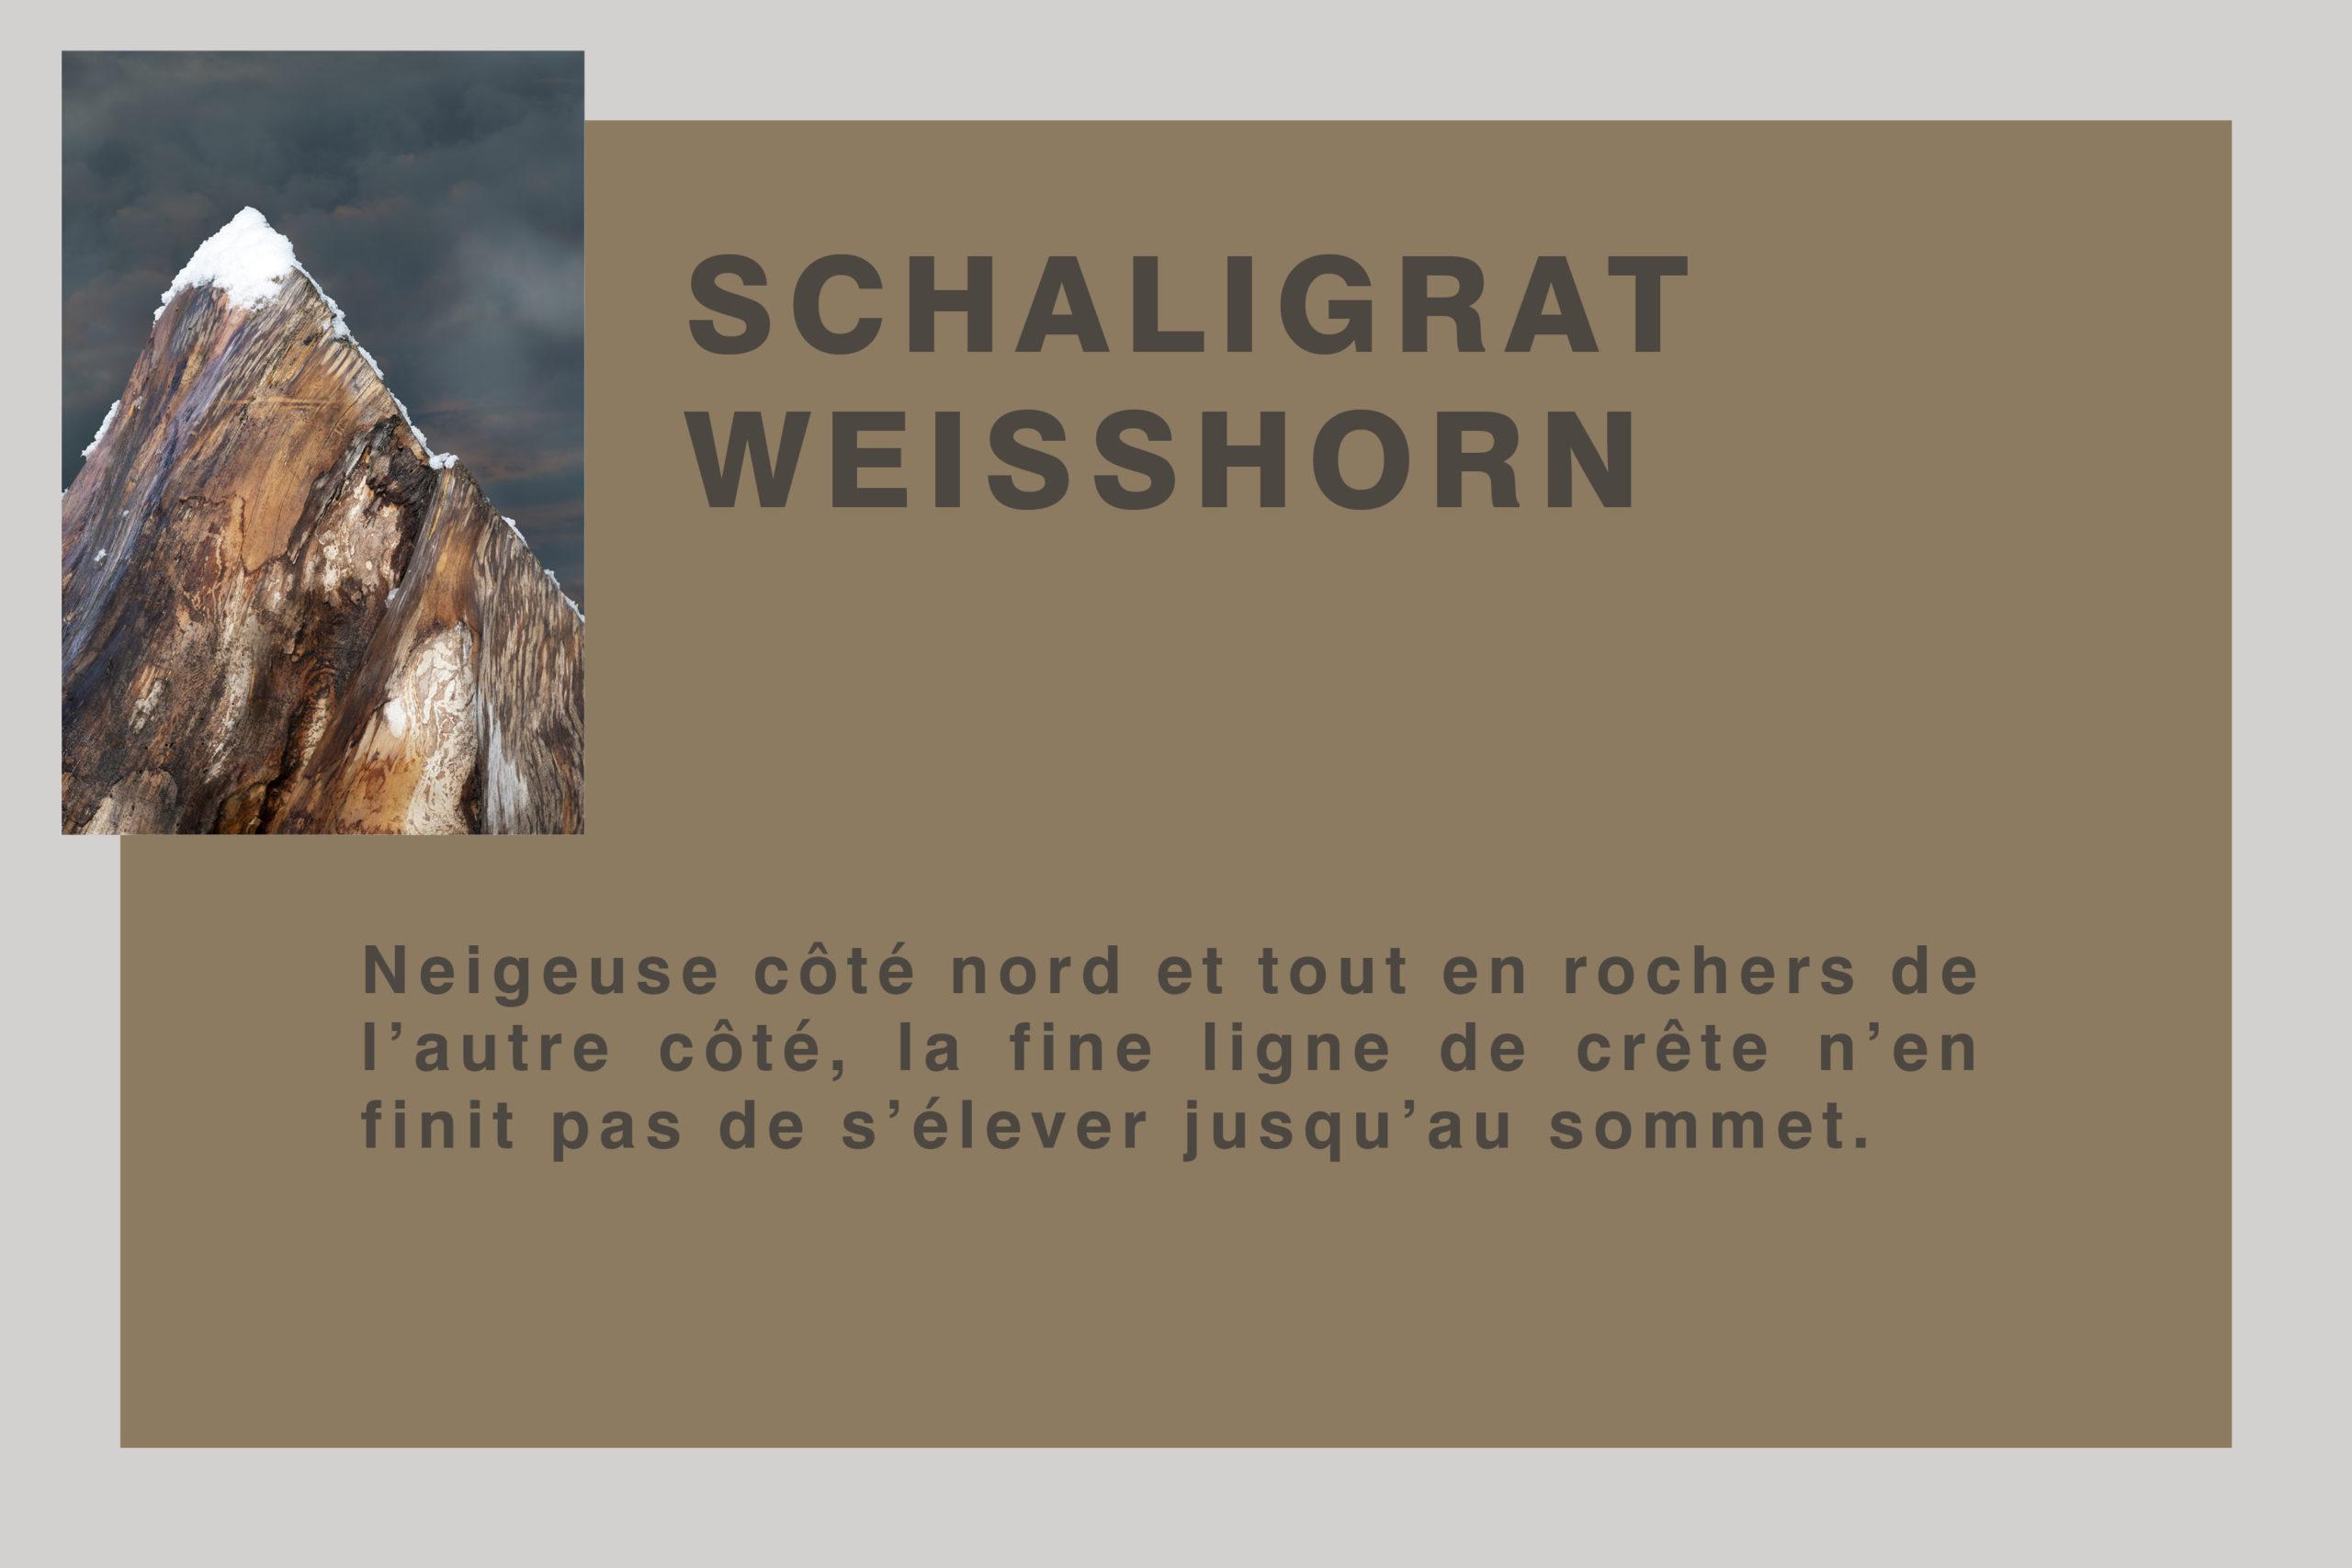 Schaligrat au Weisshorn